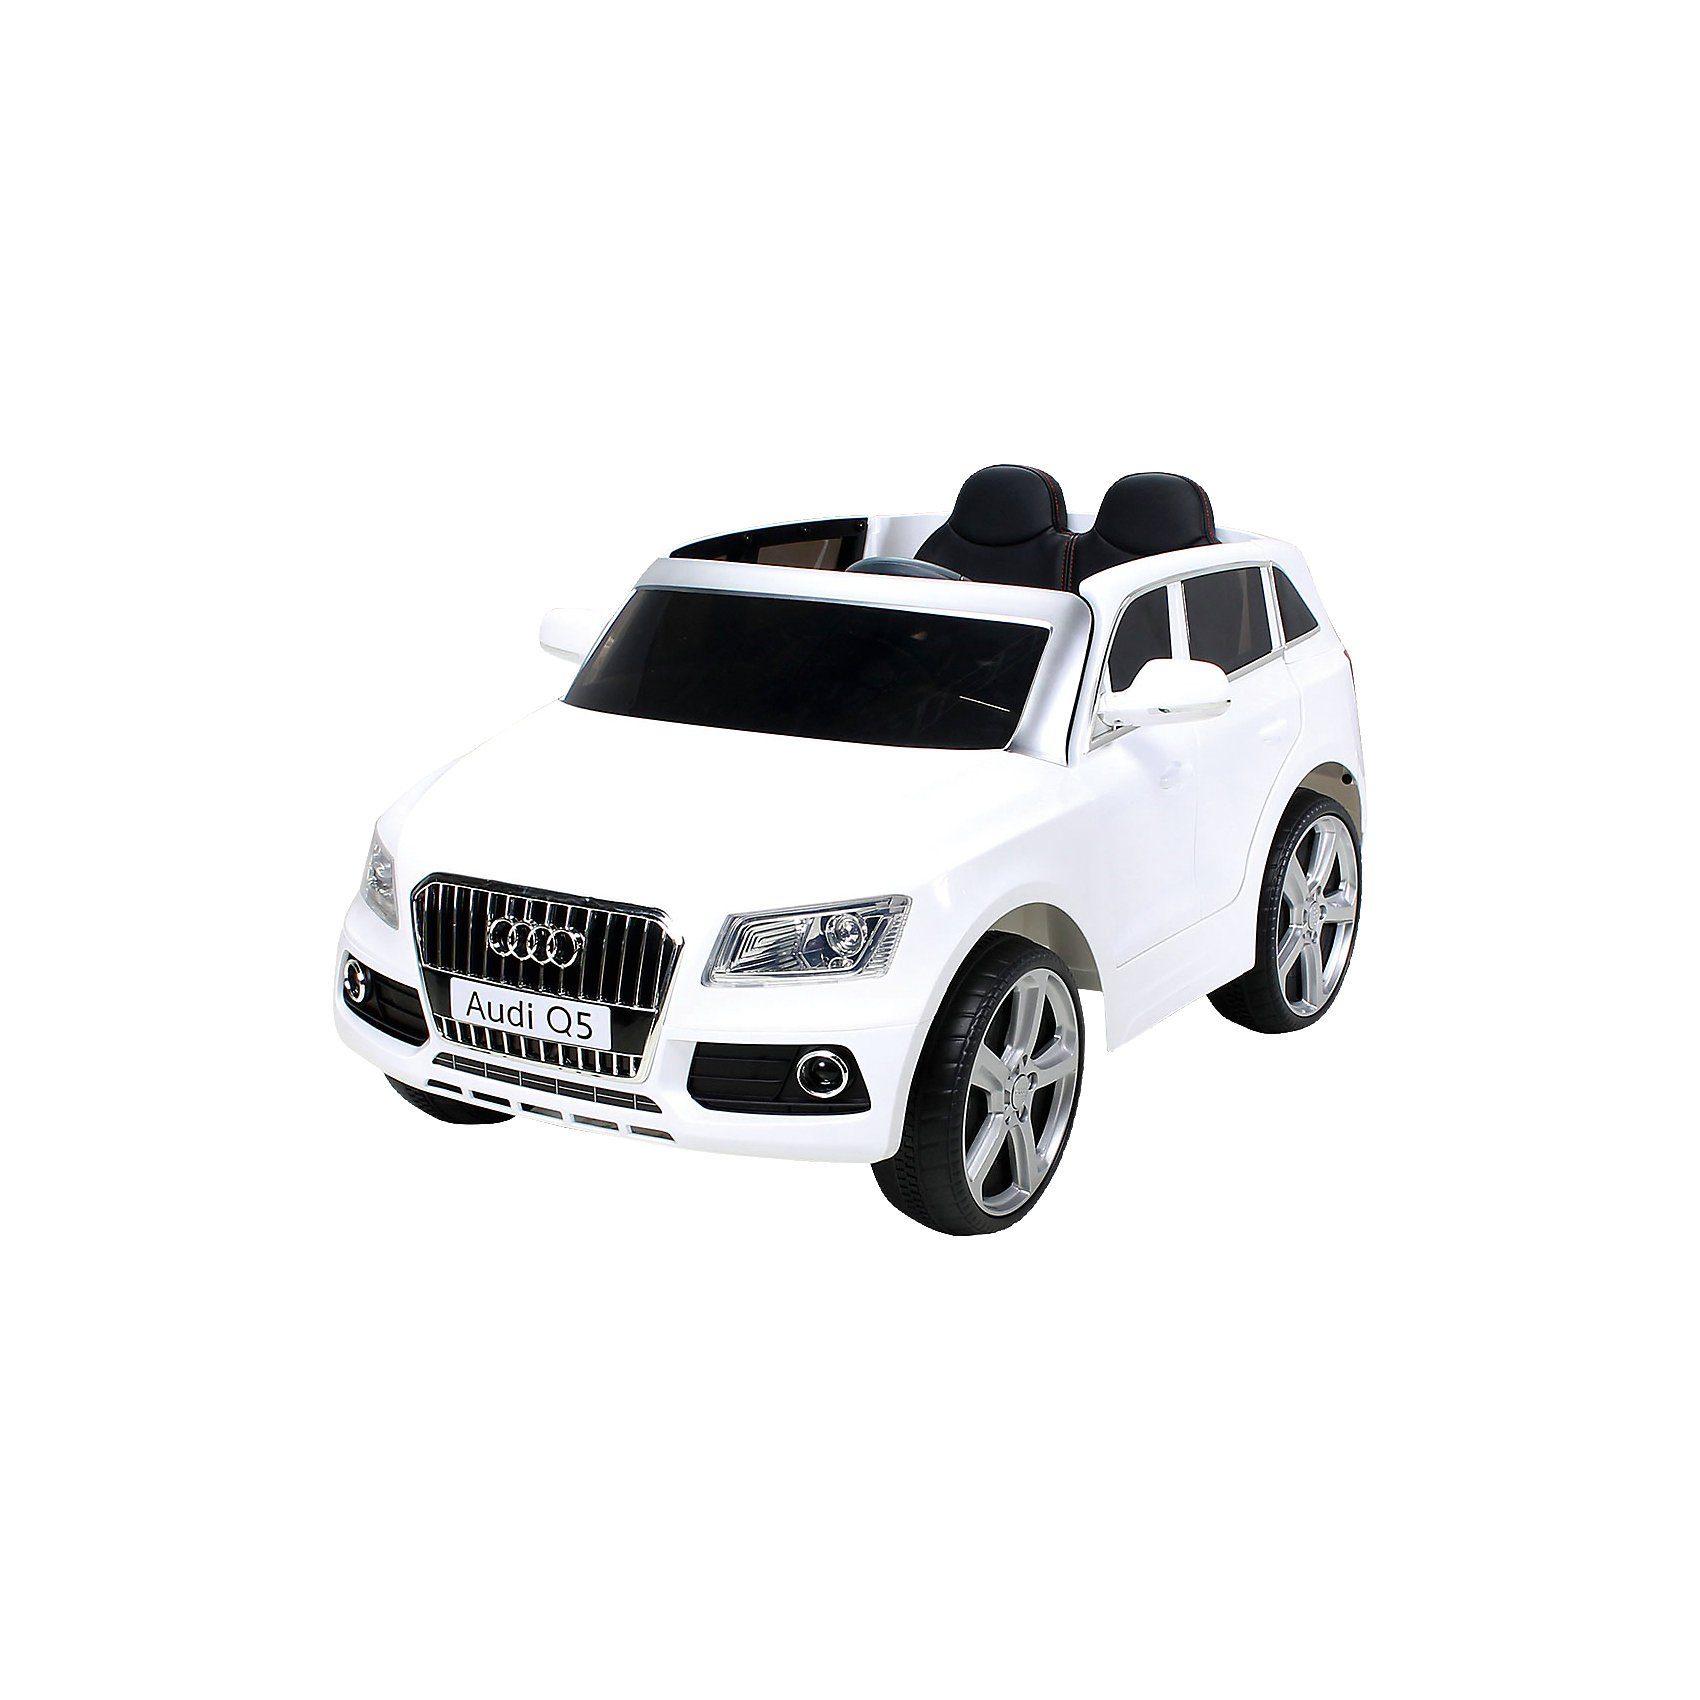 Kinder Elektroauto Audi Q5 SUV Lizenziert, weiß